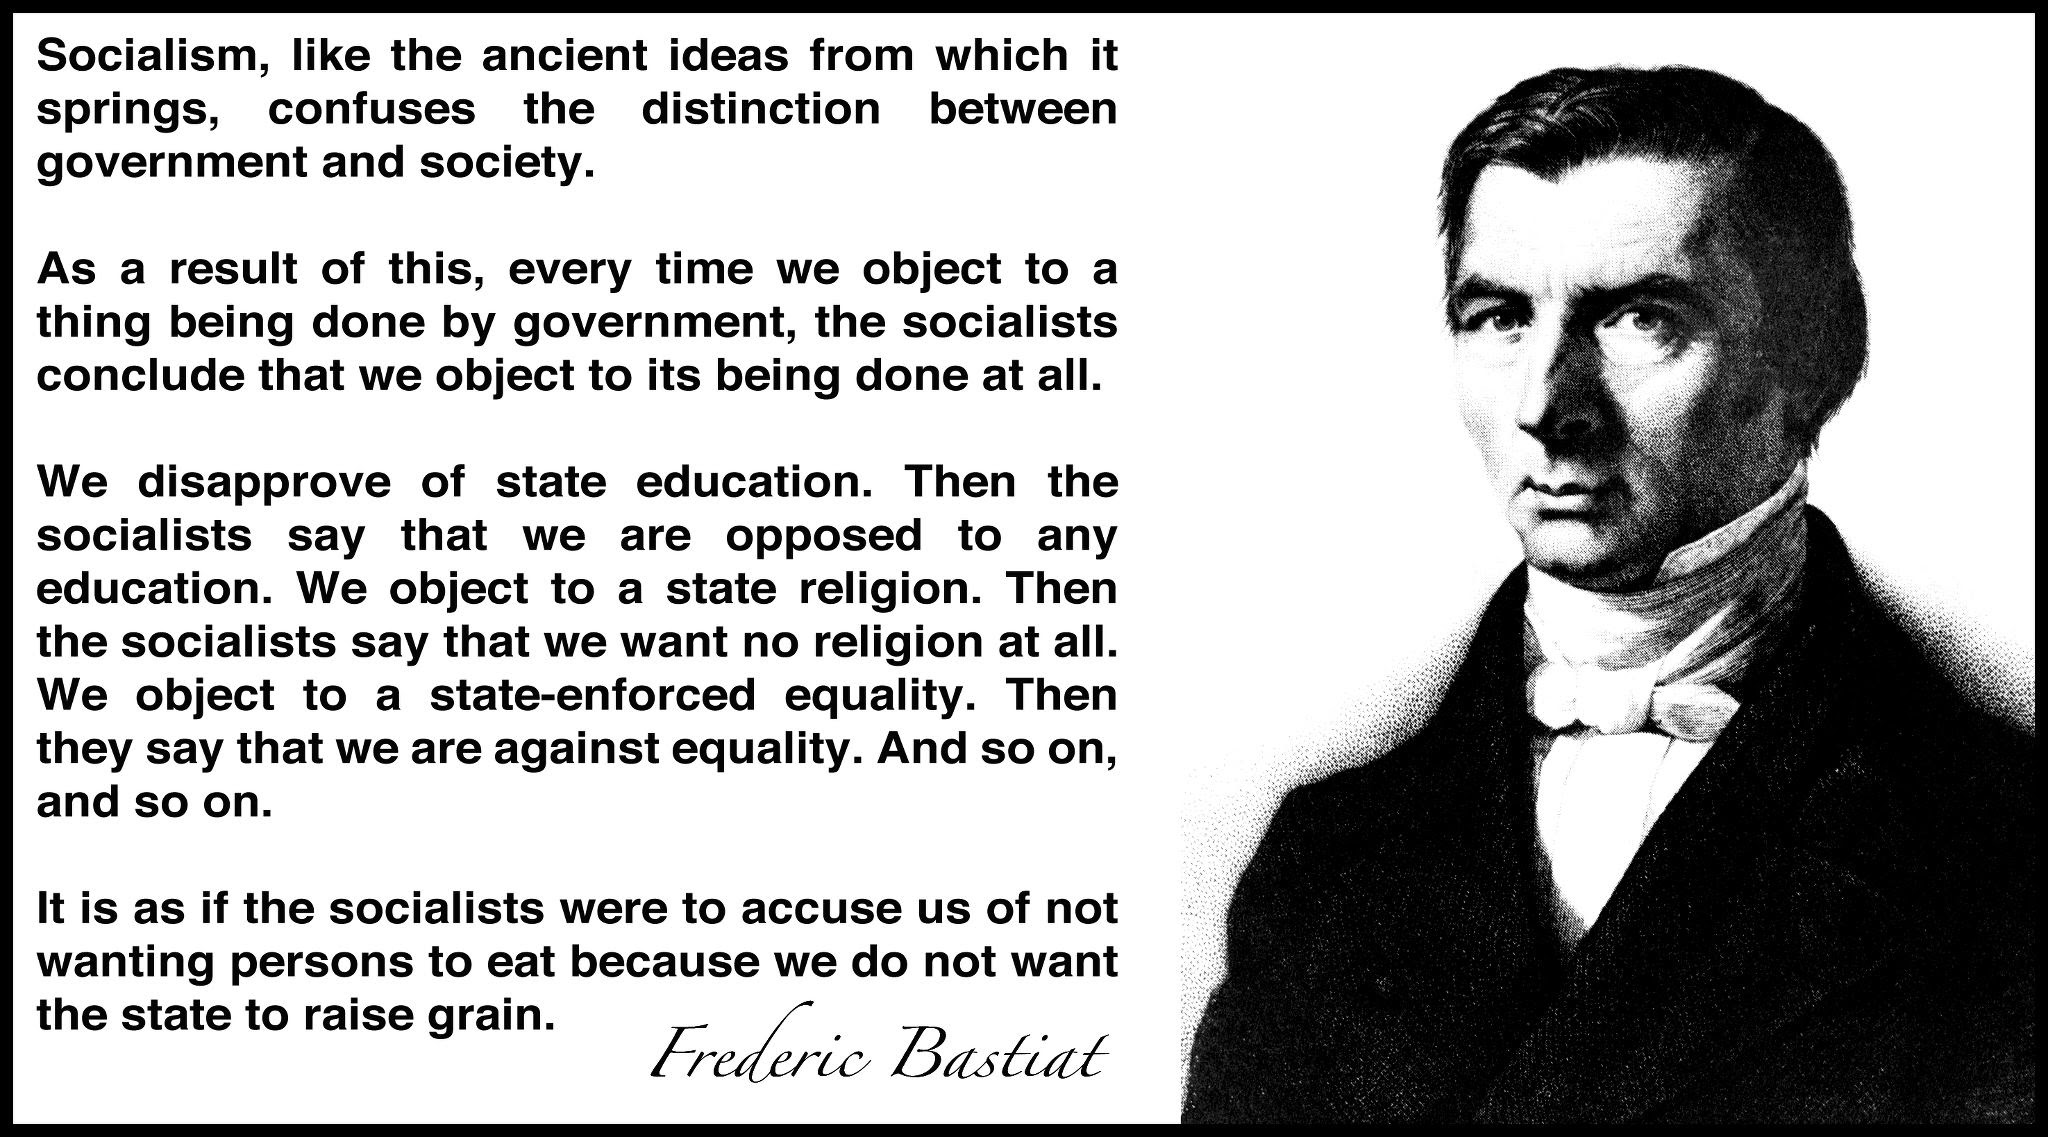 Bastiat Quotes Socialism. QuotesGram